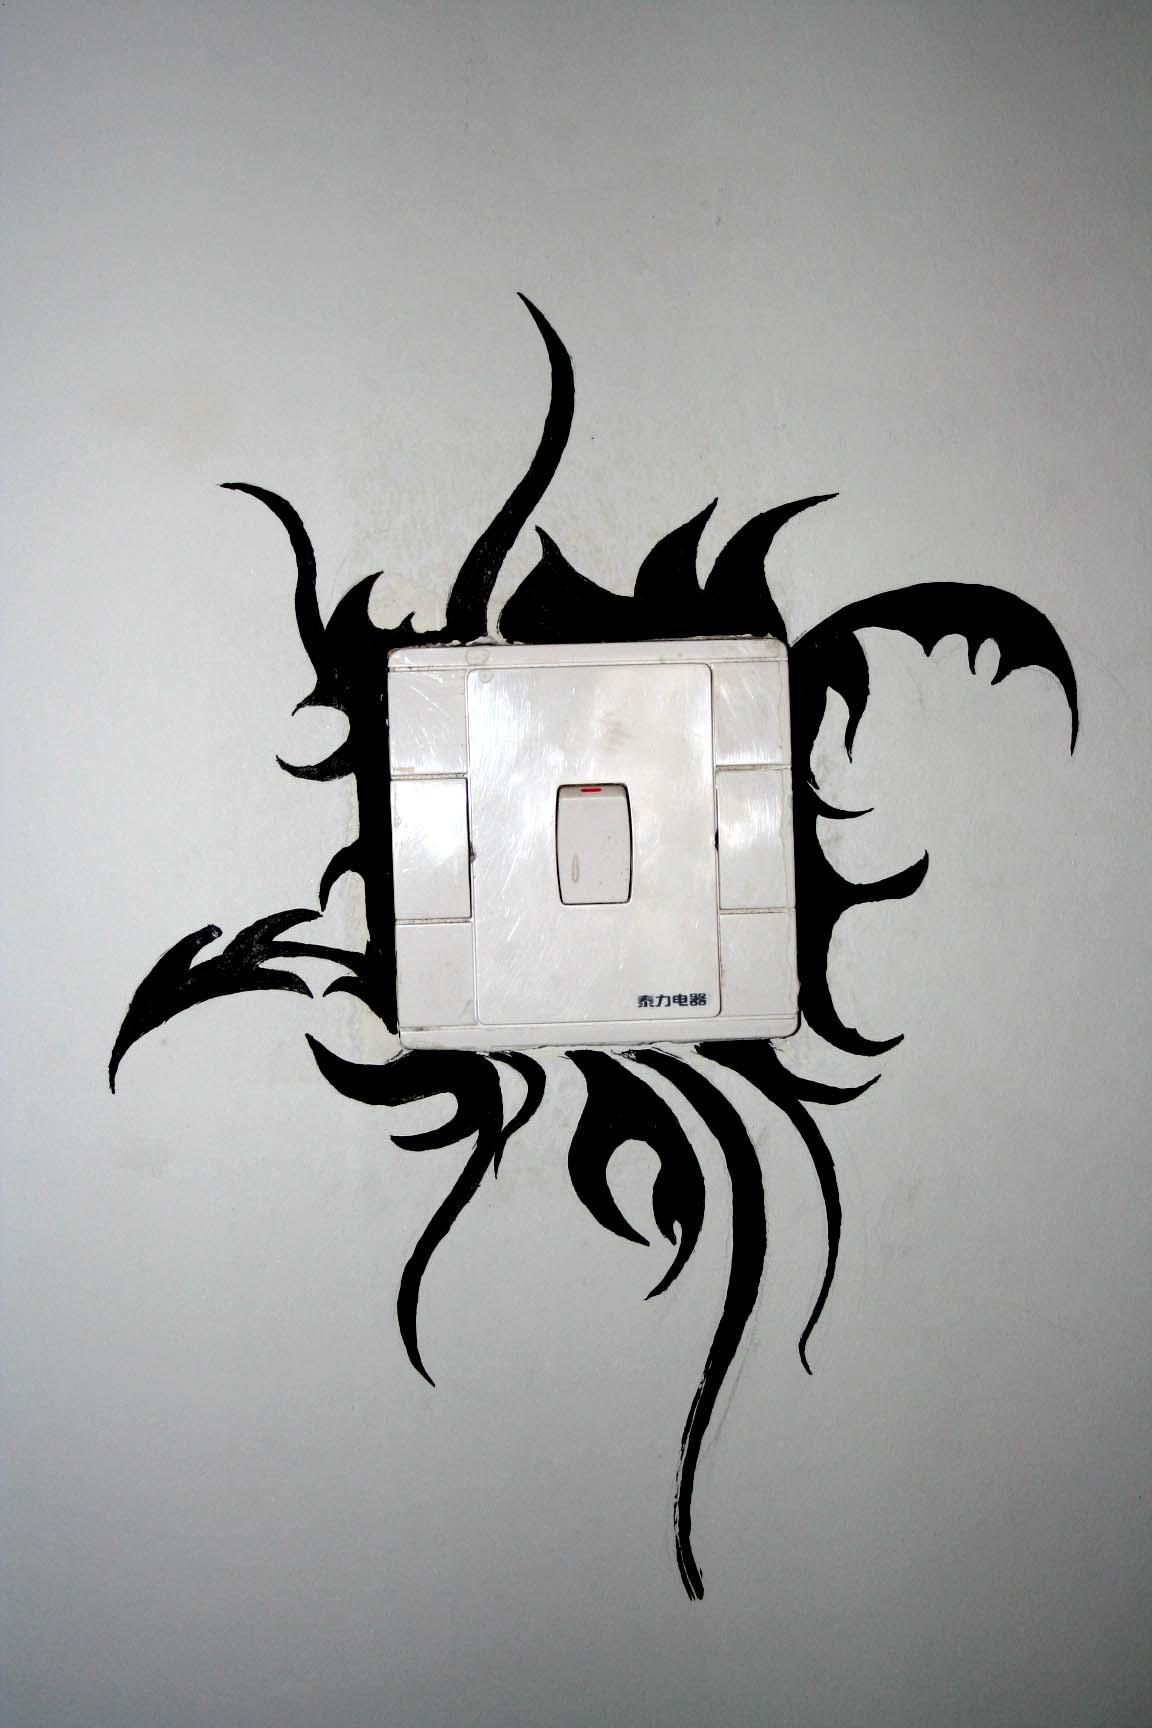 详情:为您提供石家庄墙体手绘